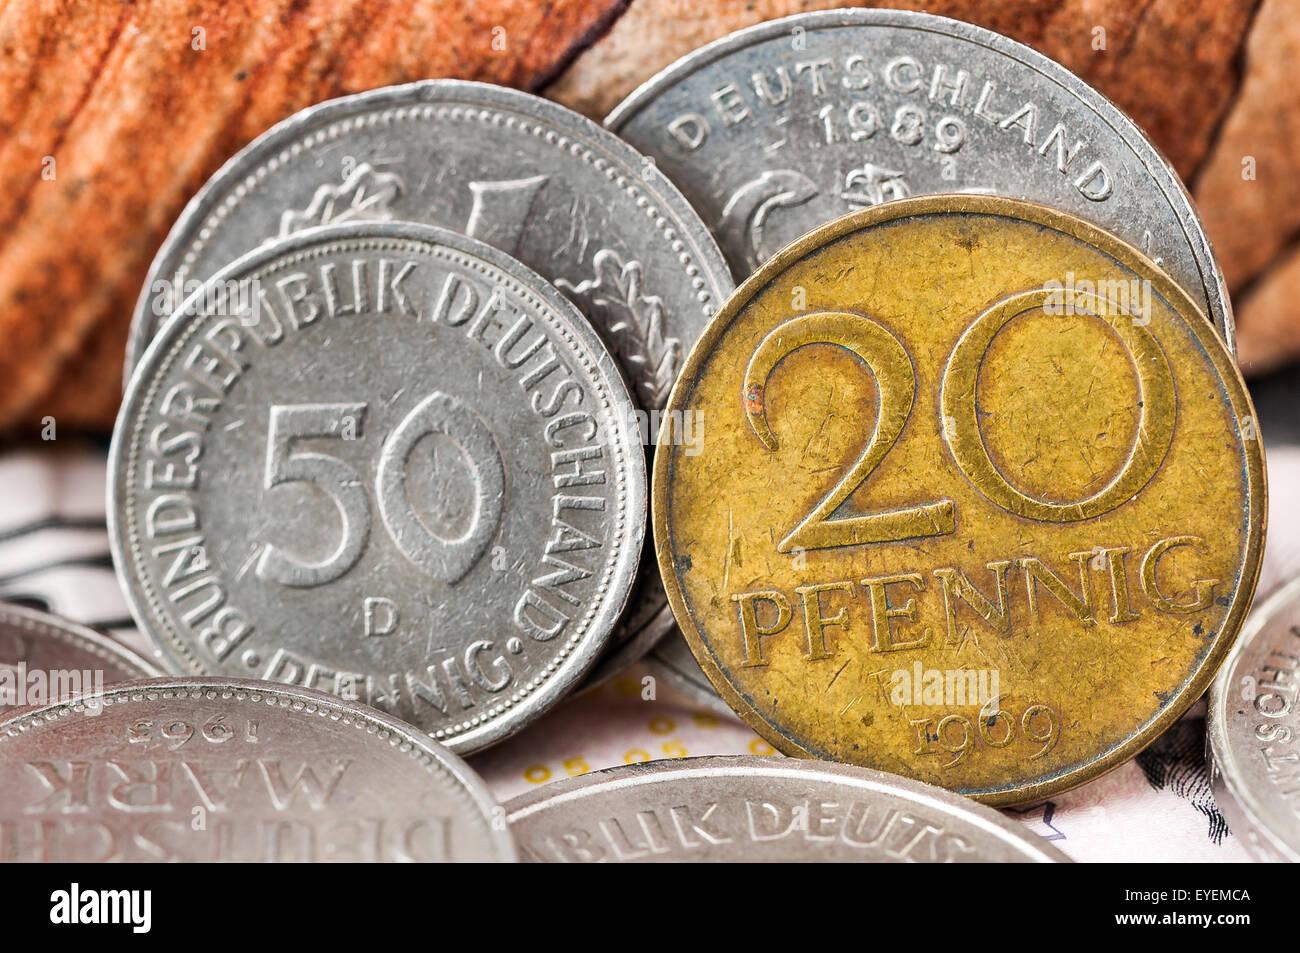 Pfennig Deutsche Mark Bundesrepubik Deutschland, frontside coin - Stock Image